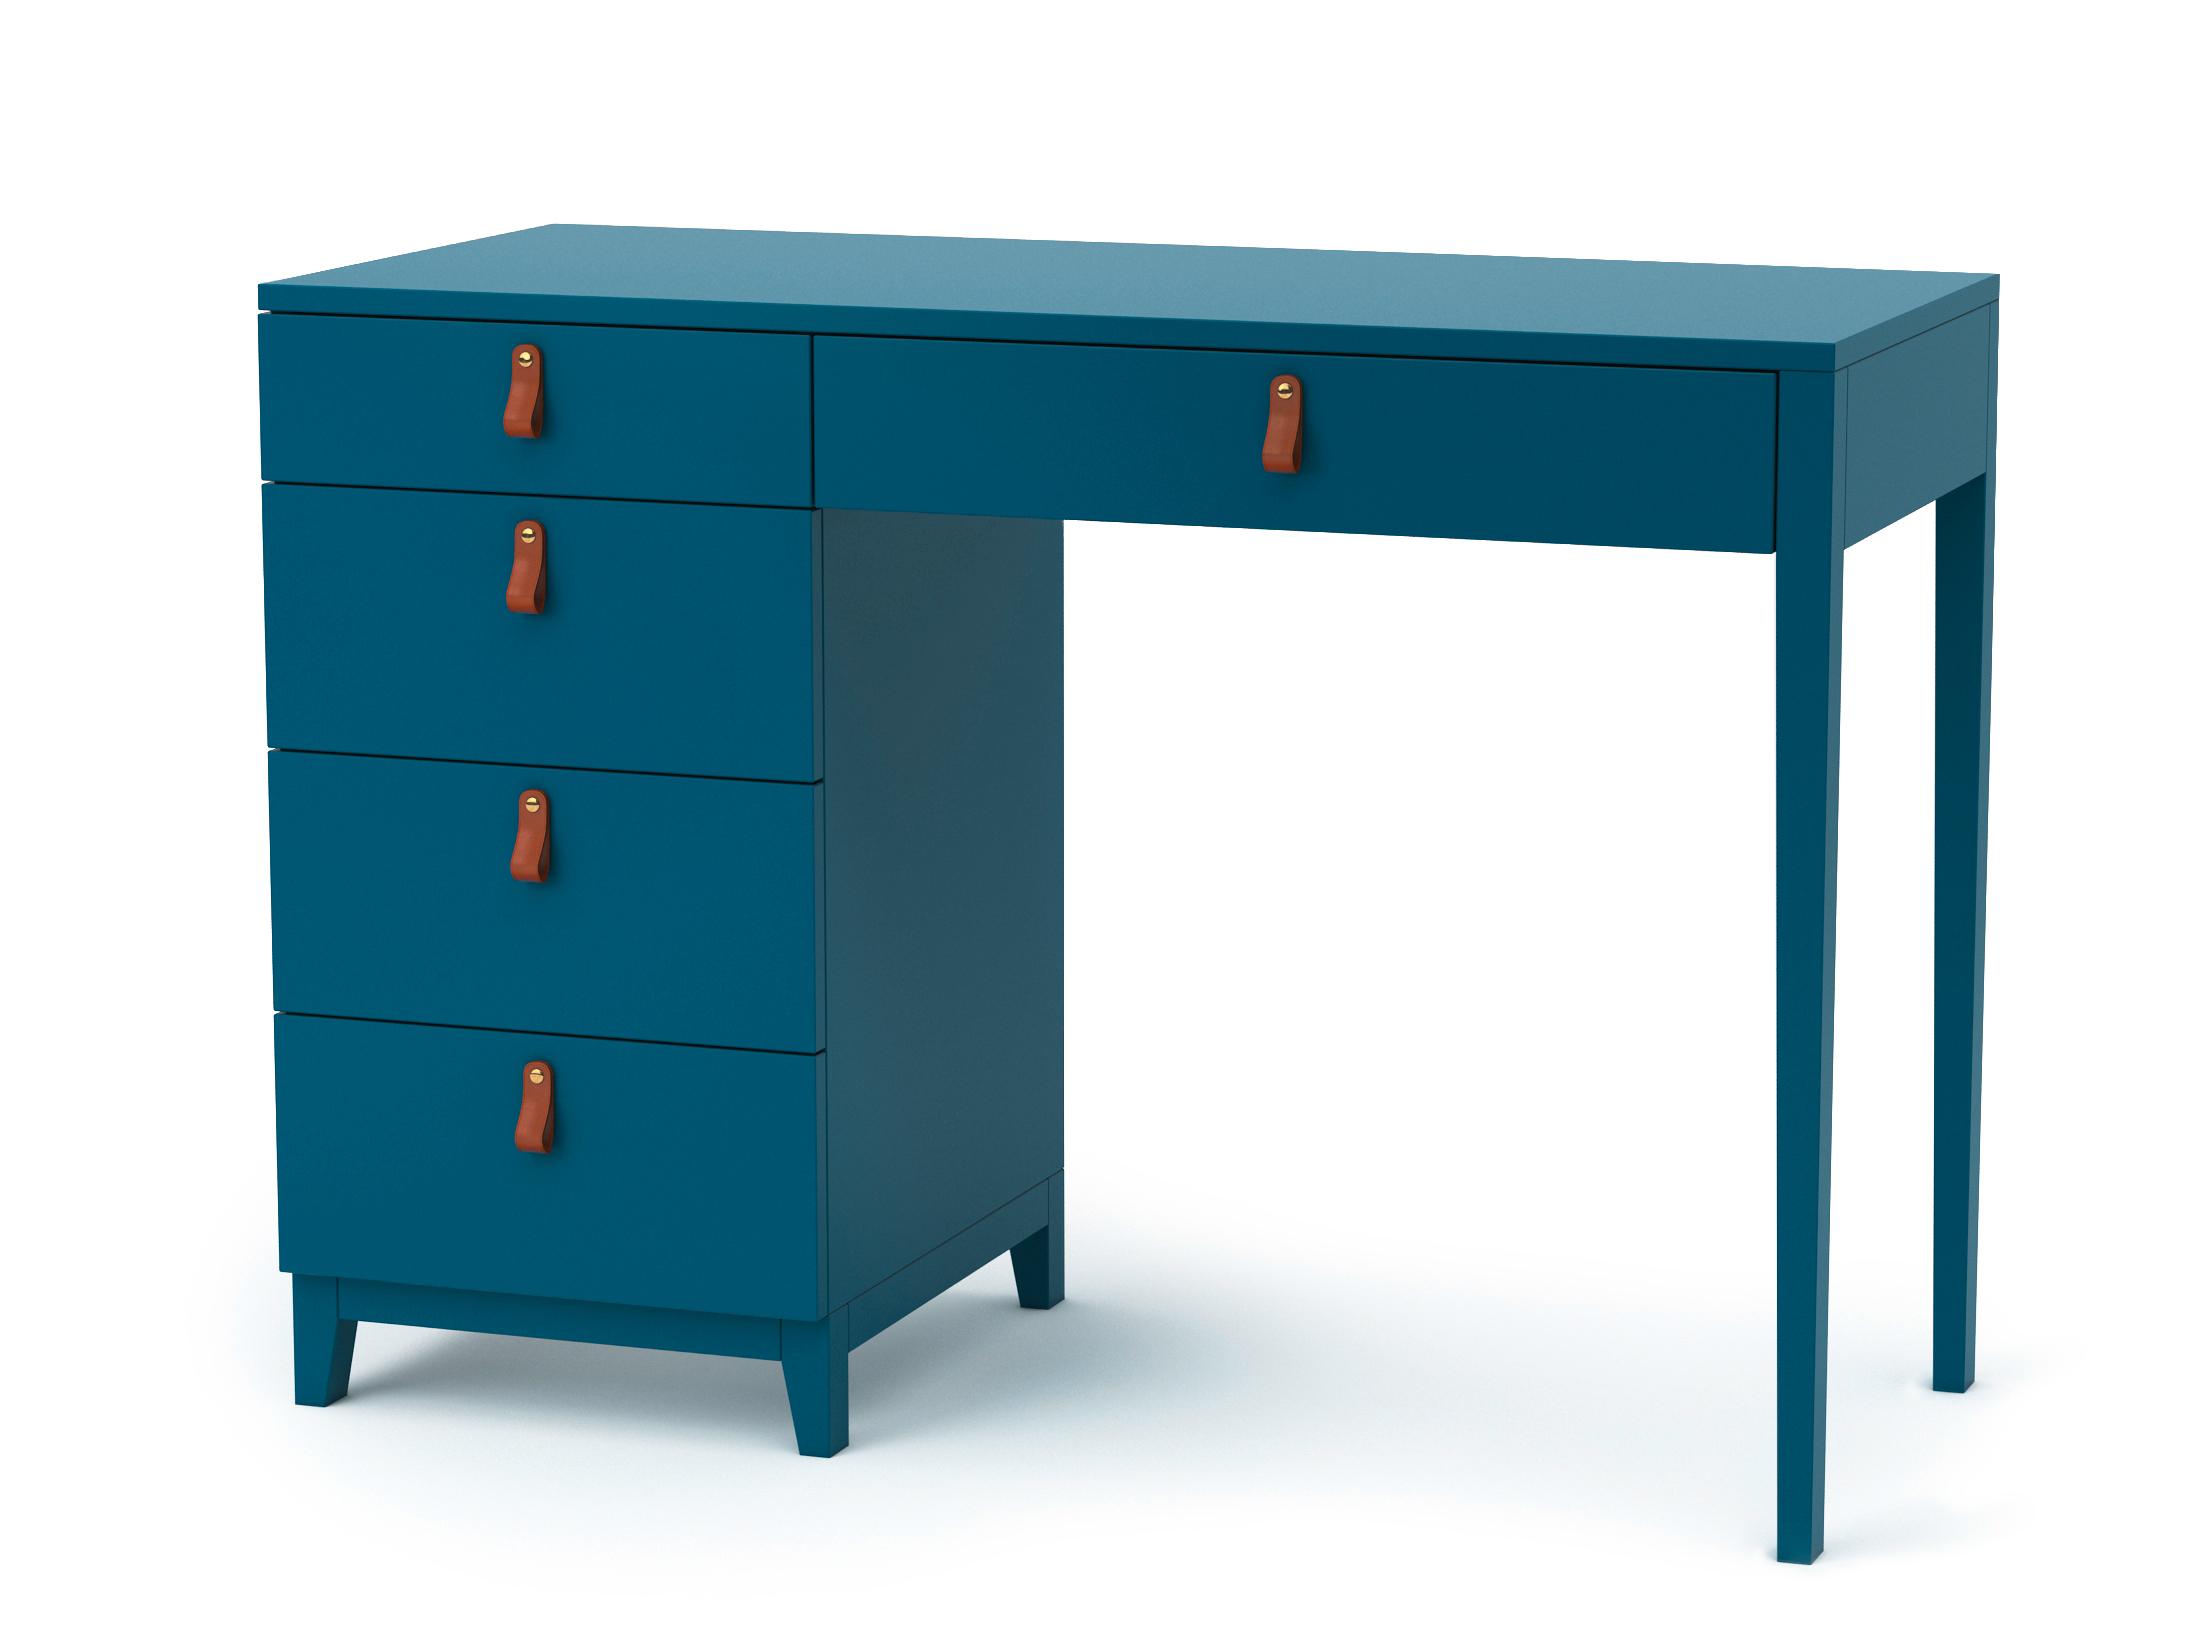 Консольный столик JAGGERПисьменные столы<br>Консольный стол&amp;amp;nbsp;Jagger &amp;amp;nbsp;обладает лаконичным дизайном с изысканными кожаными ручками и универсальными характеристиками. Стол Jagger будет органично смотреться как в компактных, так и в больших пространствах. В небольших помещениях может использоваться в качестве письменного стола. Доступен в лево- и правостороннем варианте исполнения.&amp;lt;div&amp;gt;&amp;lt;br&amp;gt;&amp;lt;/div&amp;gt;&amp;lt;div&amp;gt;Материал: Массив дуба, МДФ, эмаль, лак&amp;lt;br&amp;gt;&amp;lt;/div&amp;gt;<br><br>Material: Дерево<br>Ширина см: 100<br>Высота см: 75<br>Глубина см: 50